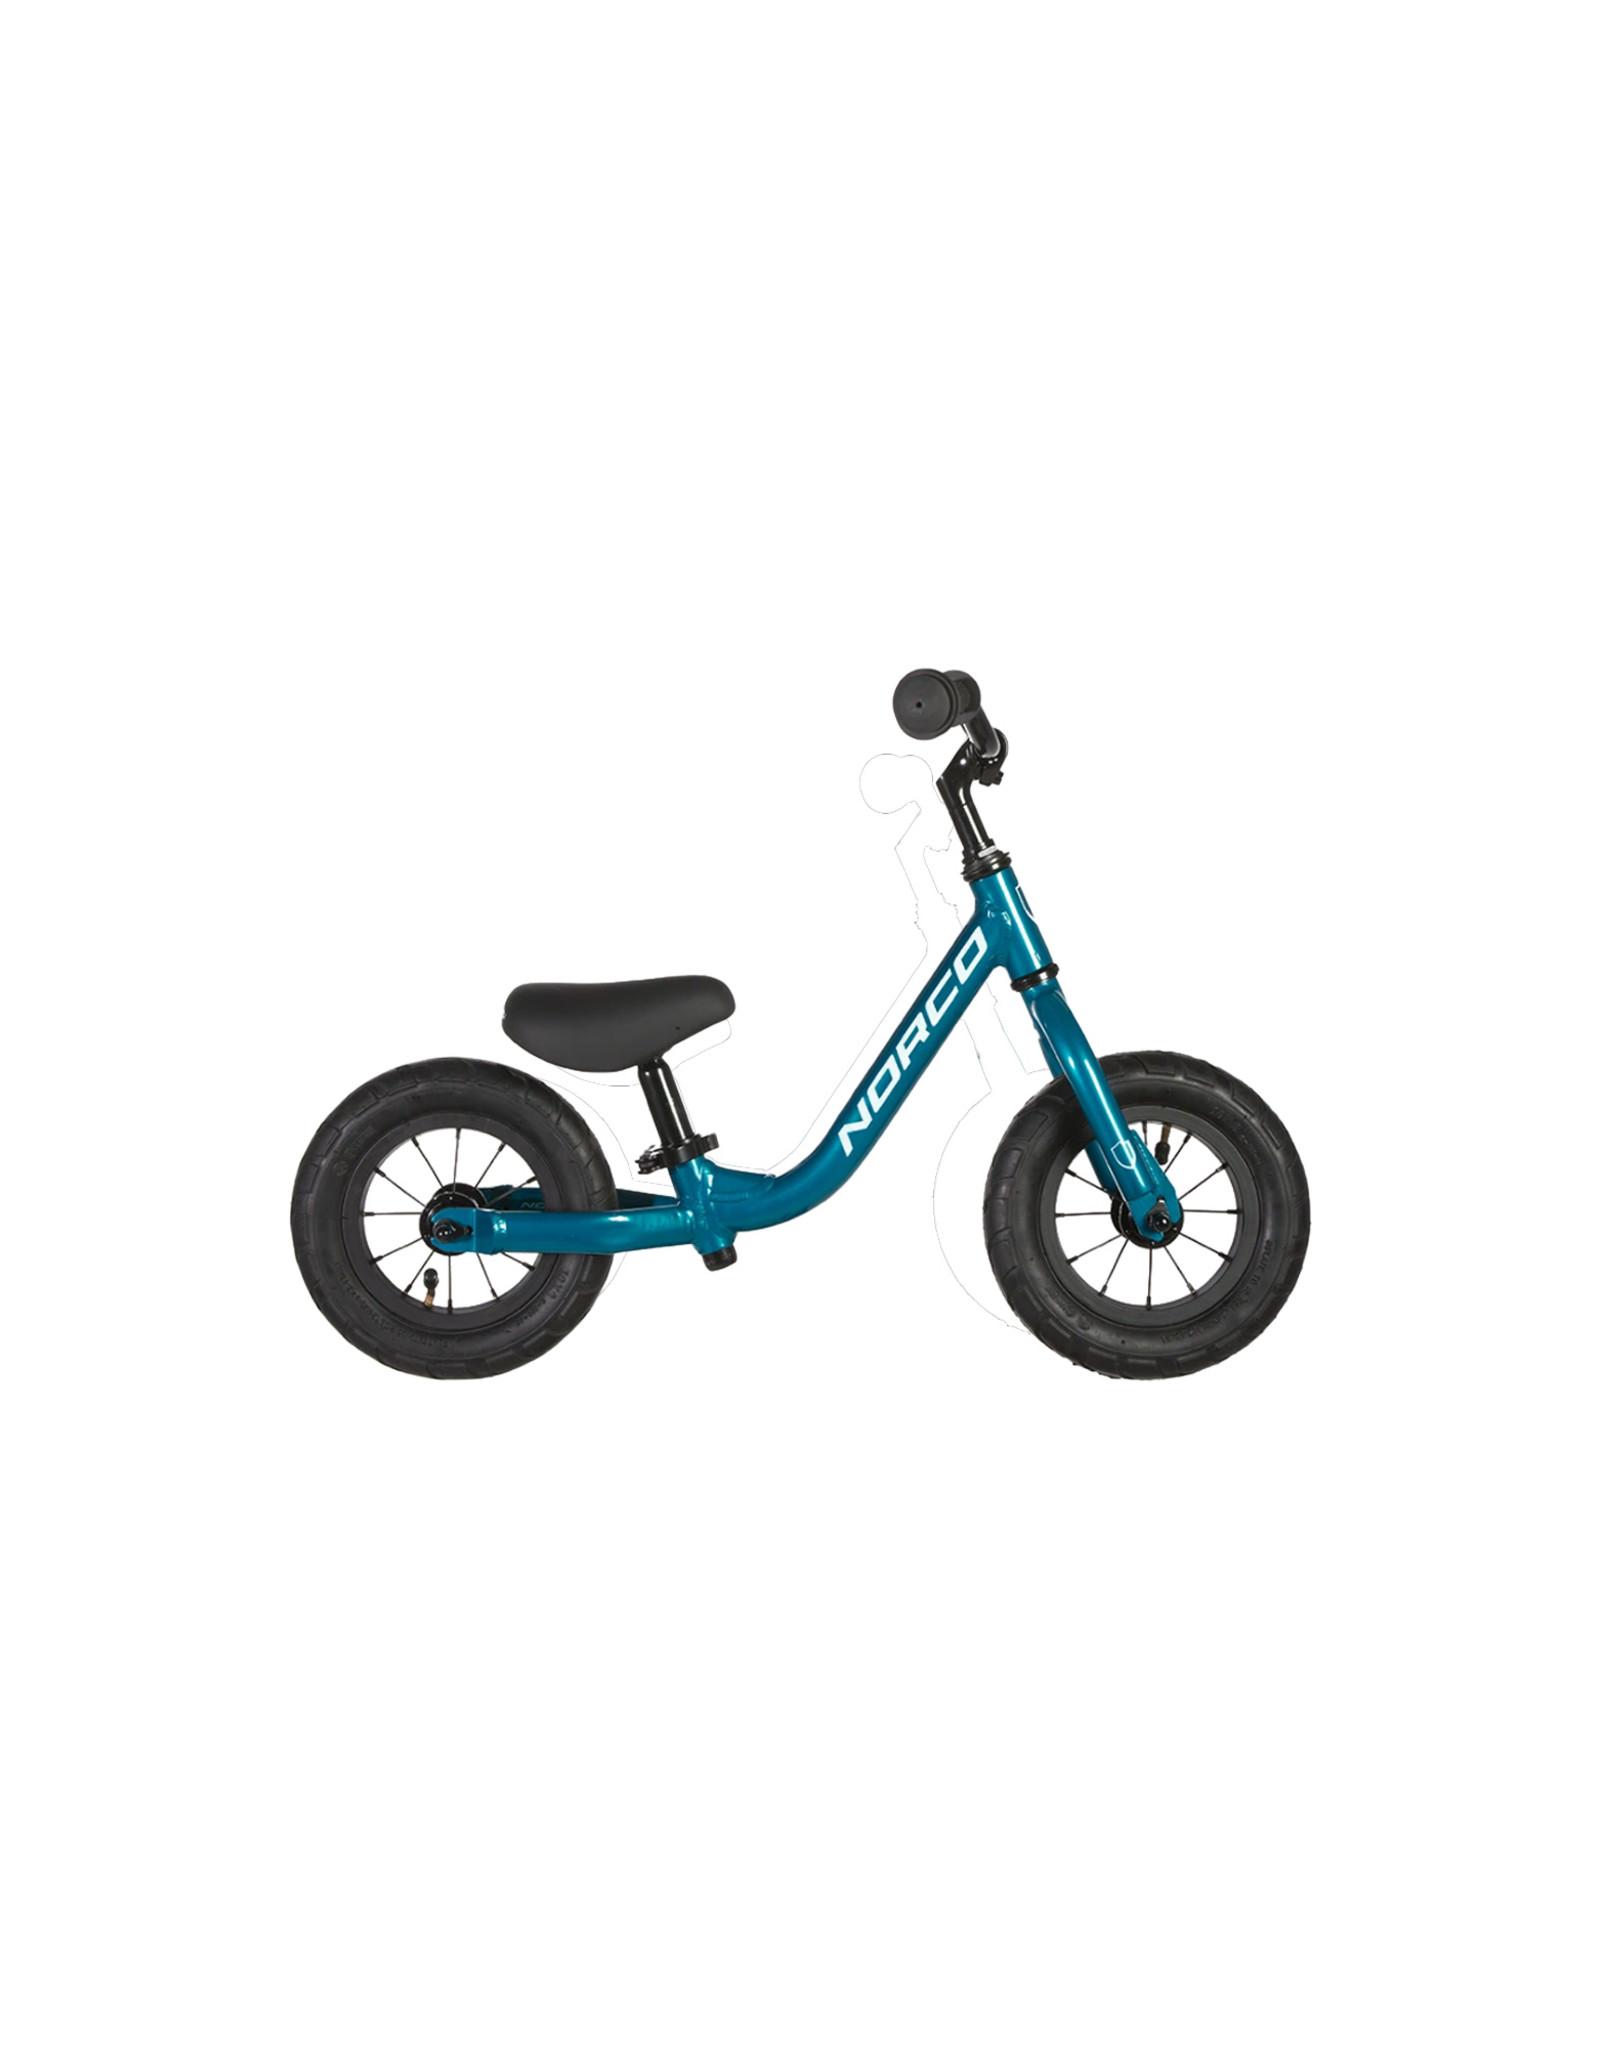 Norco Vélo Norco Runner 10 2021